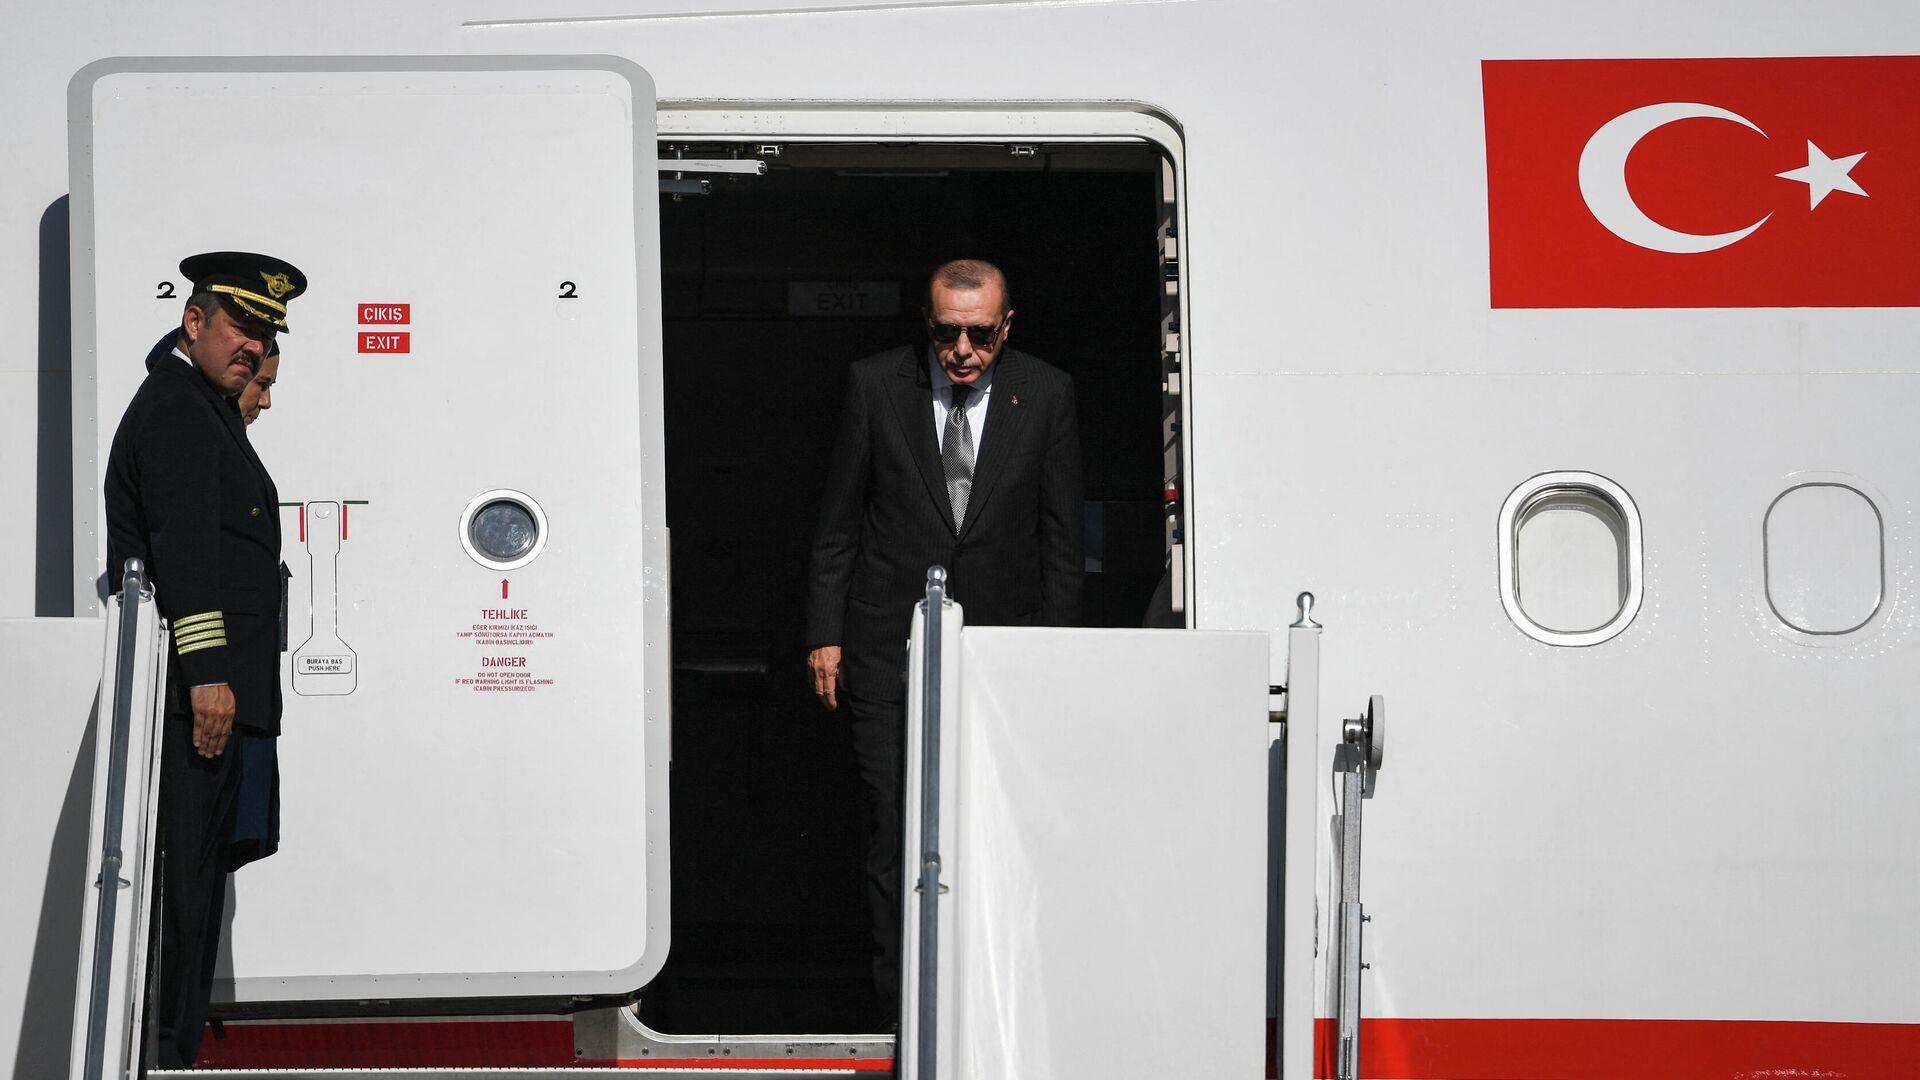 Президент Турции Реджеп Тайип Эрдоган выходит из самолета  - РИА Новости, 1920, 29.09.2021